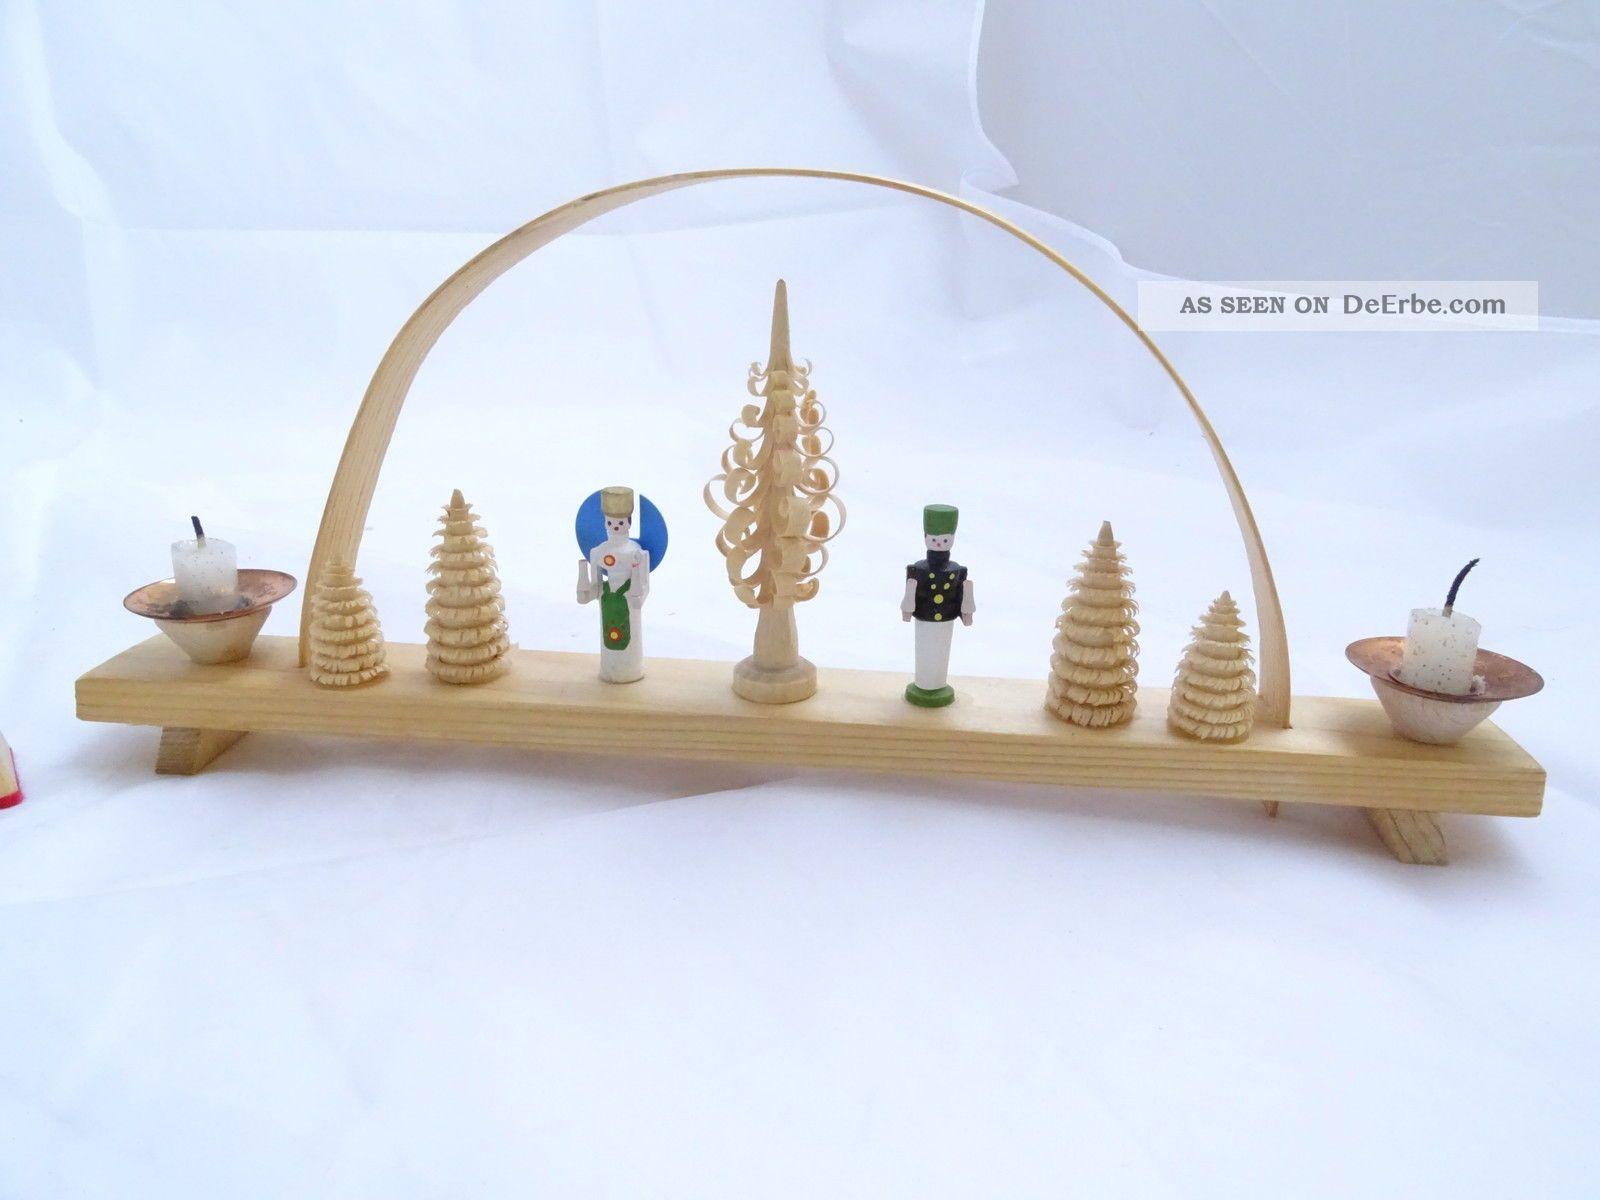 2x erzgebirge schwibbogen 1x klaus kolbe seiffen weihnachten. Black Bedroom Furniture Sets. Home Design Ideas